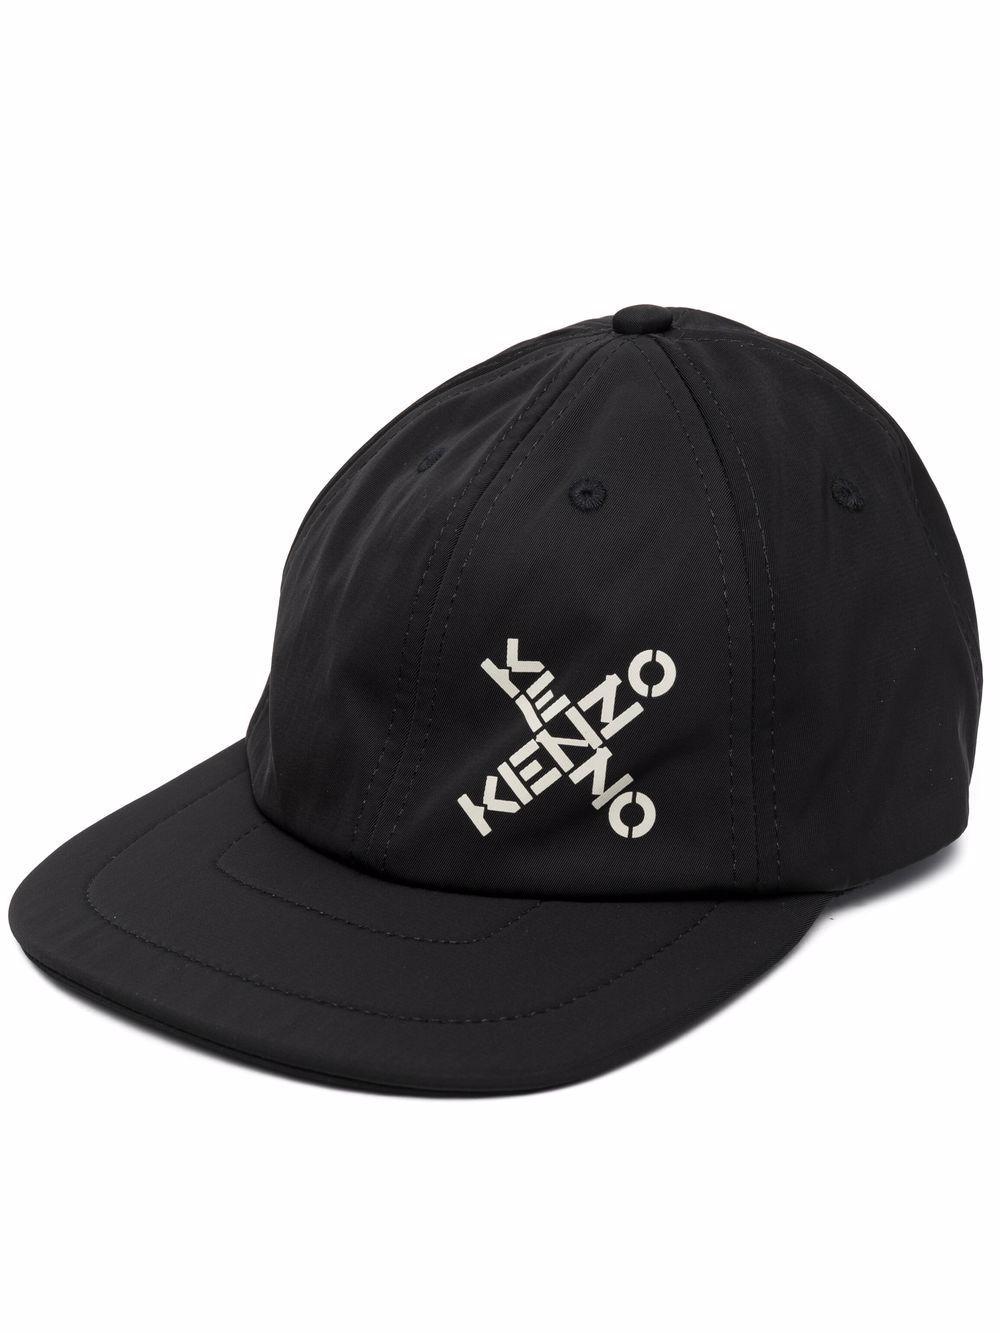 Kenzo cappelli nero